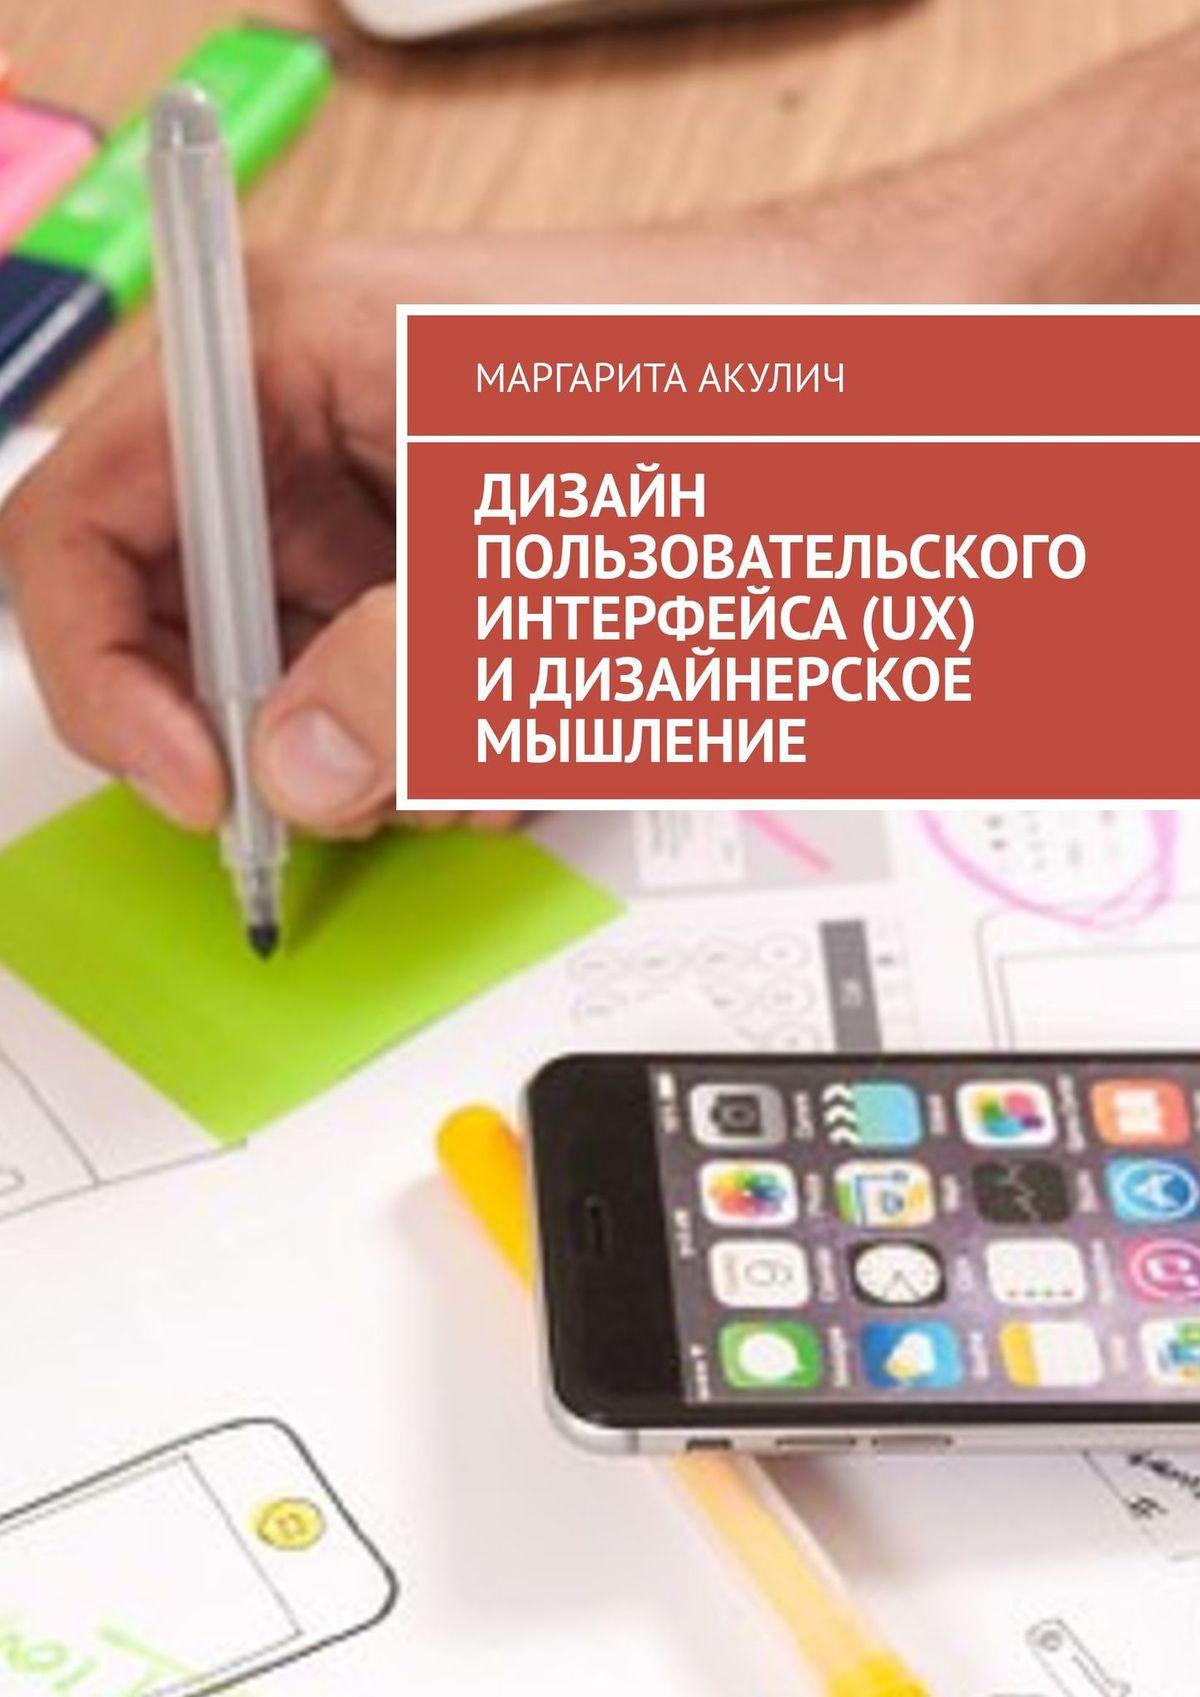 Маргарита Акулич Дизайн пользовательского интерфейса(UX) идизайнерское мышление donald chesnut ux for dummies